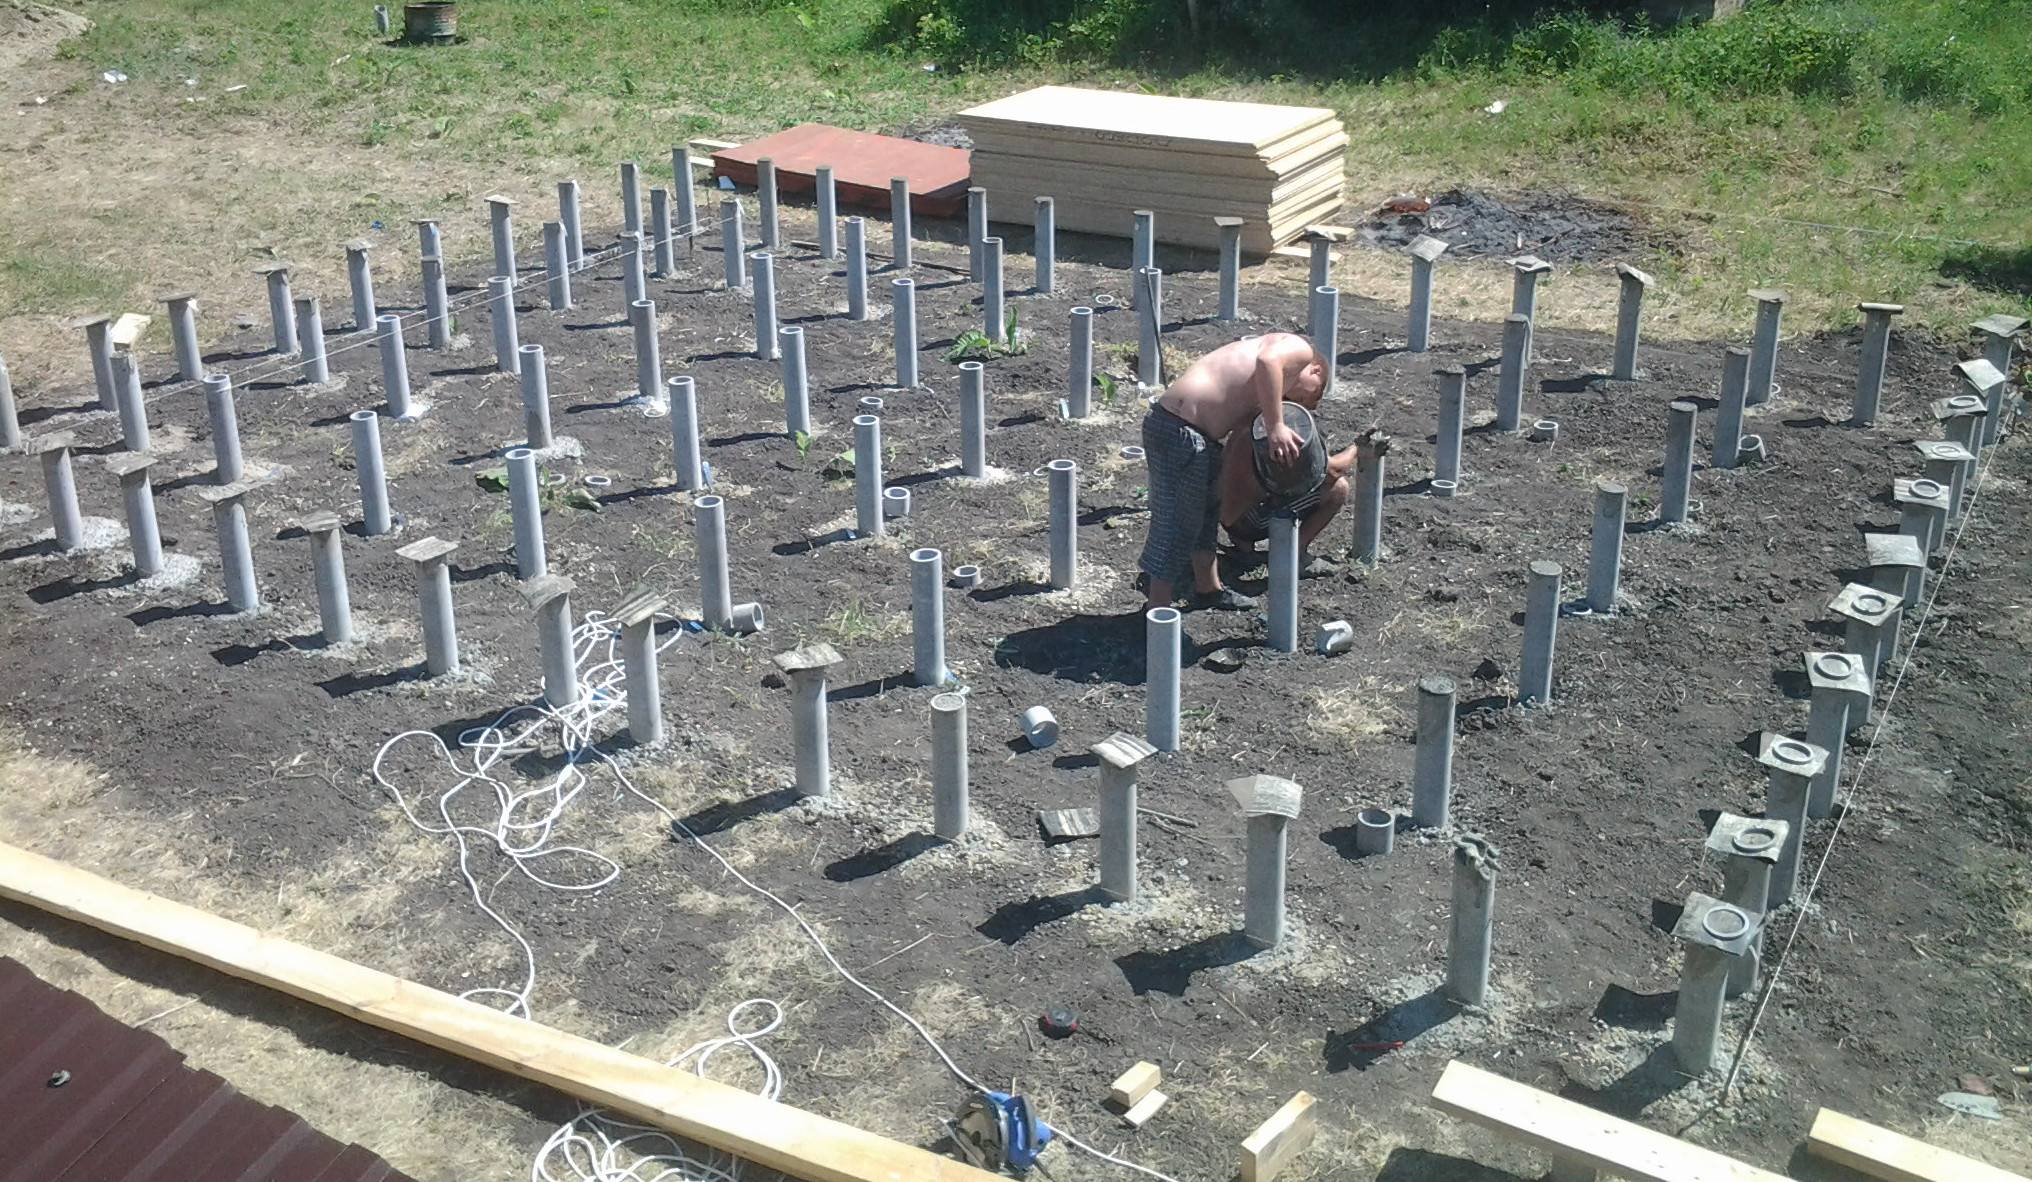 Столбчатый фундамент (71 фото): пошаговая инструкция по созданию своими руками, расчет опорной конструкции из пластиковых труб и варианты из блоков 20 х 20 х 40